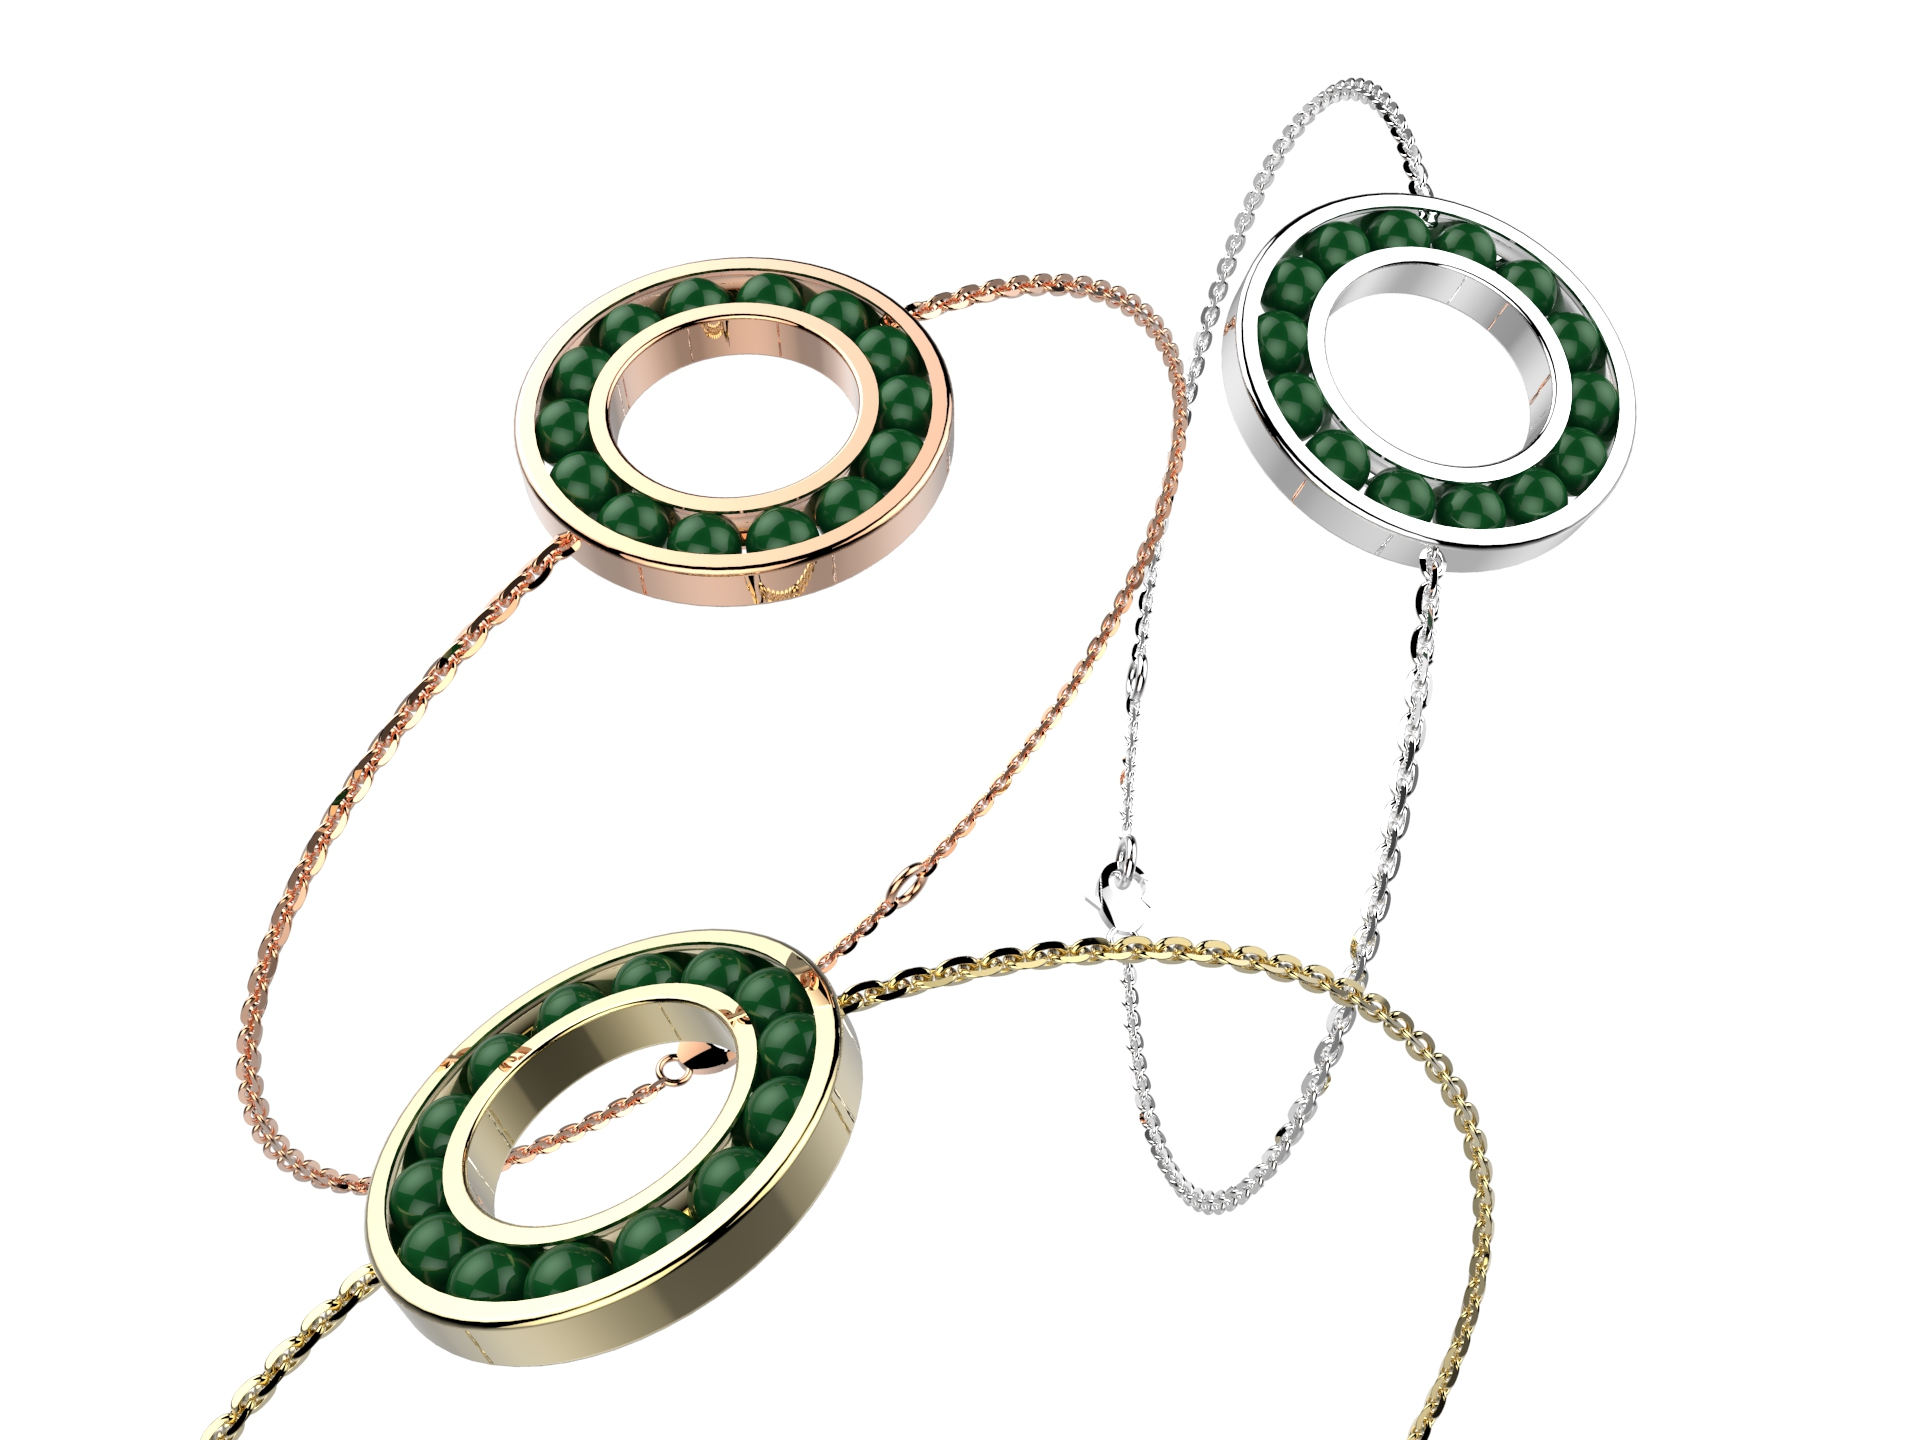 Bracelet chaine or agate verte 720 €